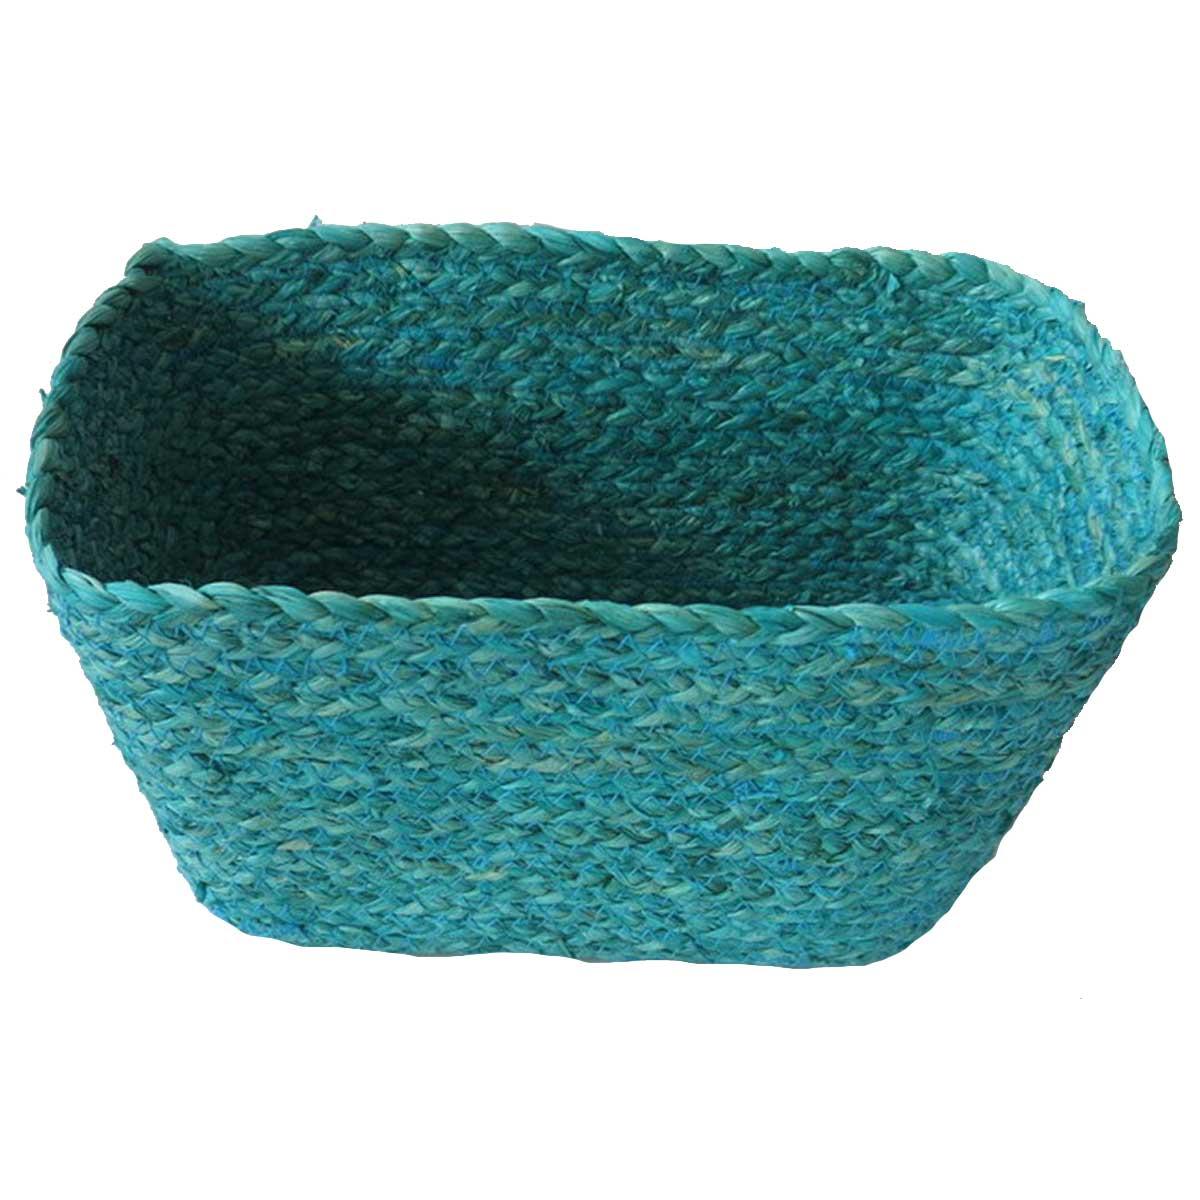 Panier rectangulaire en fibre de mais turquoise